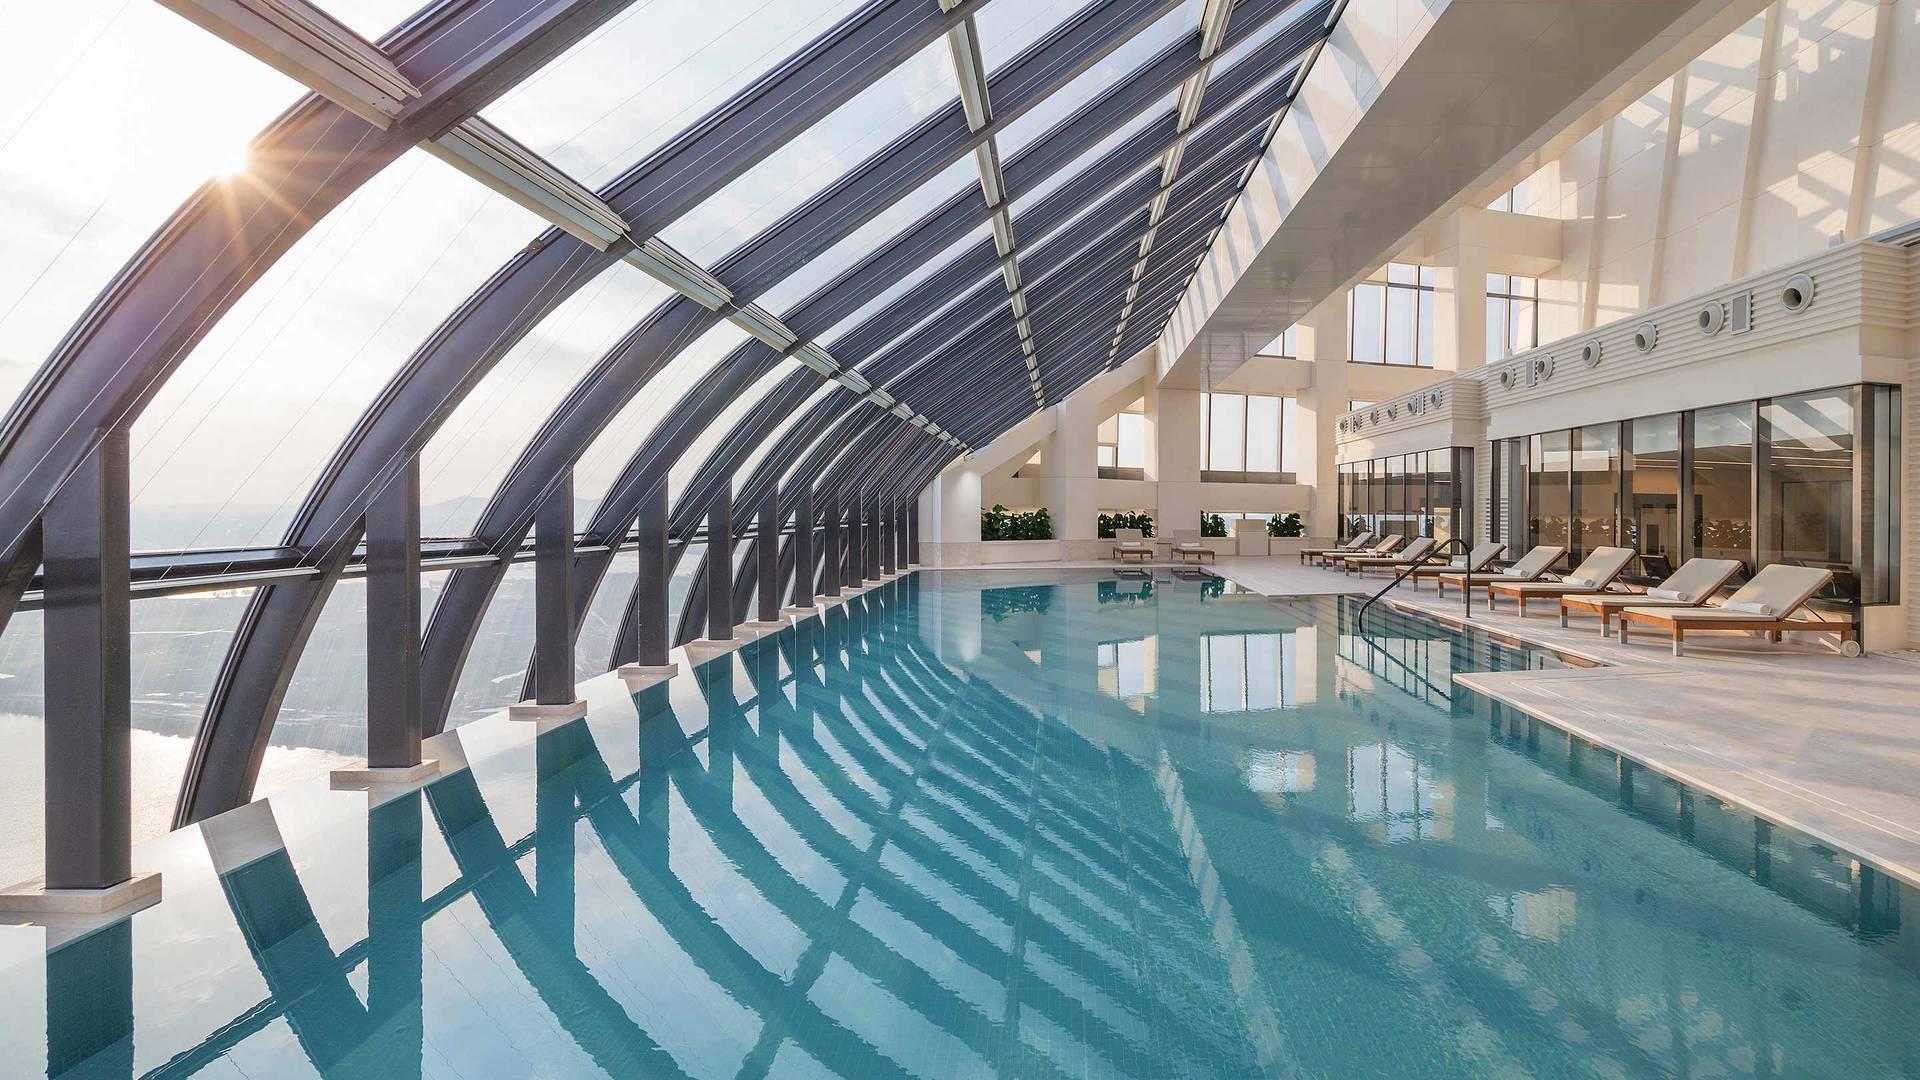 Jumeirah Nanjing swimming pool_16-9